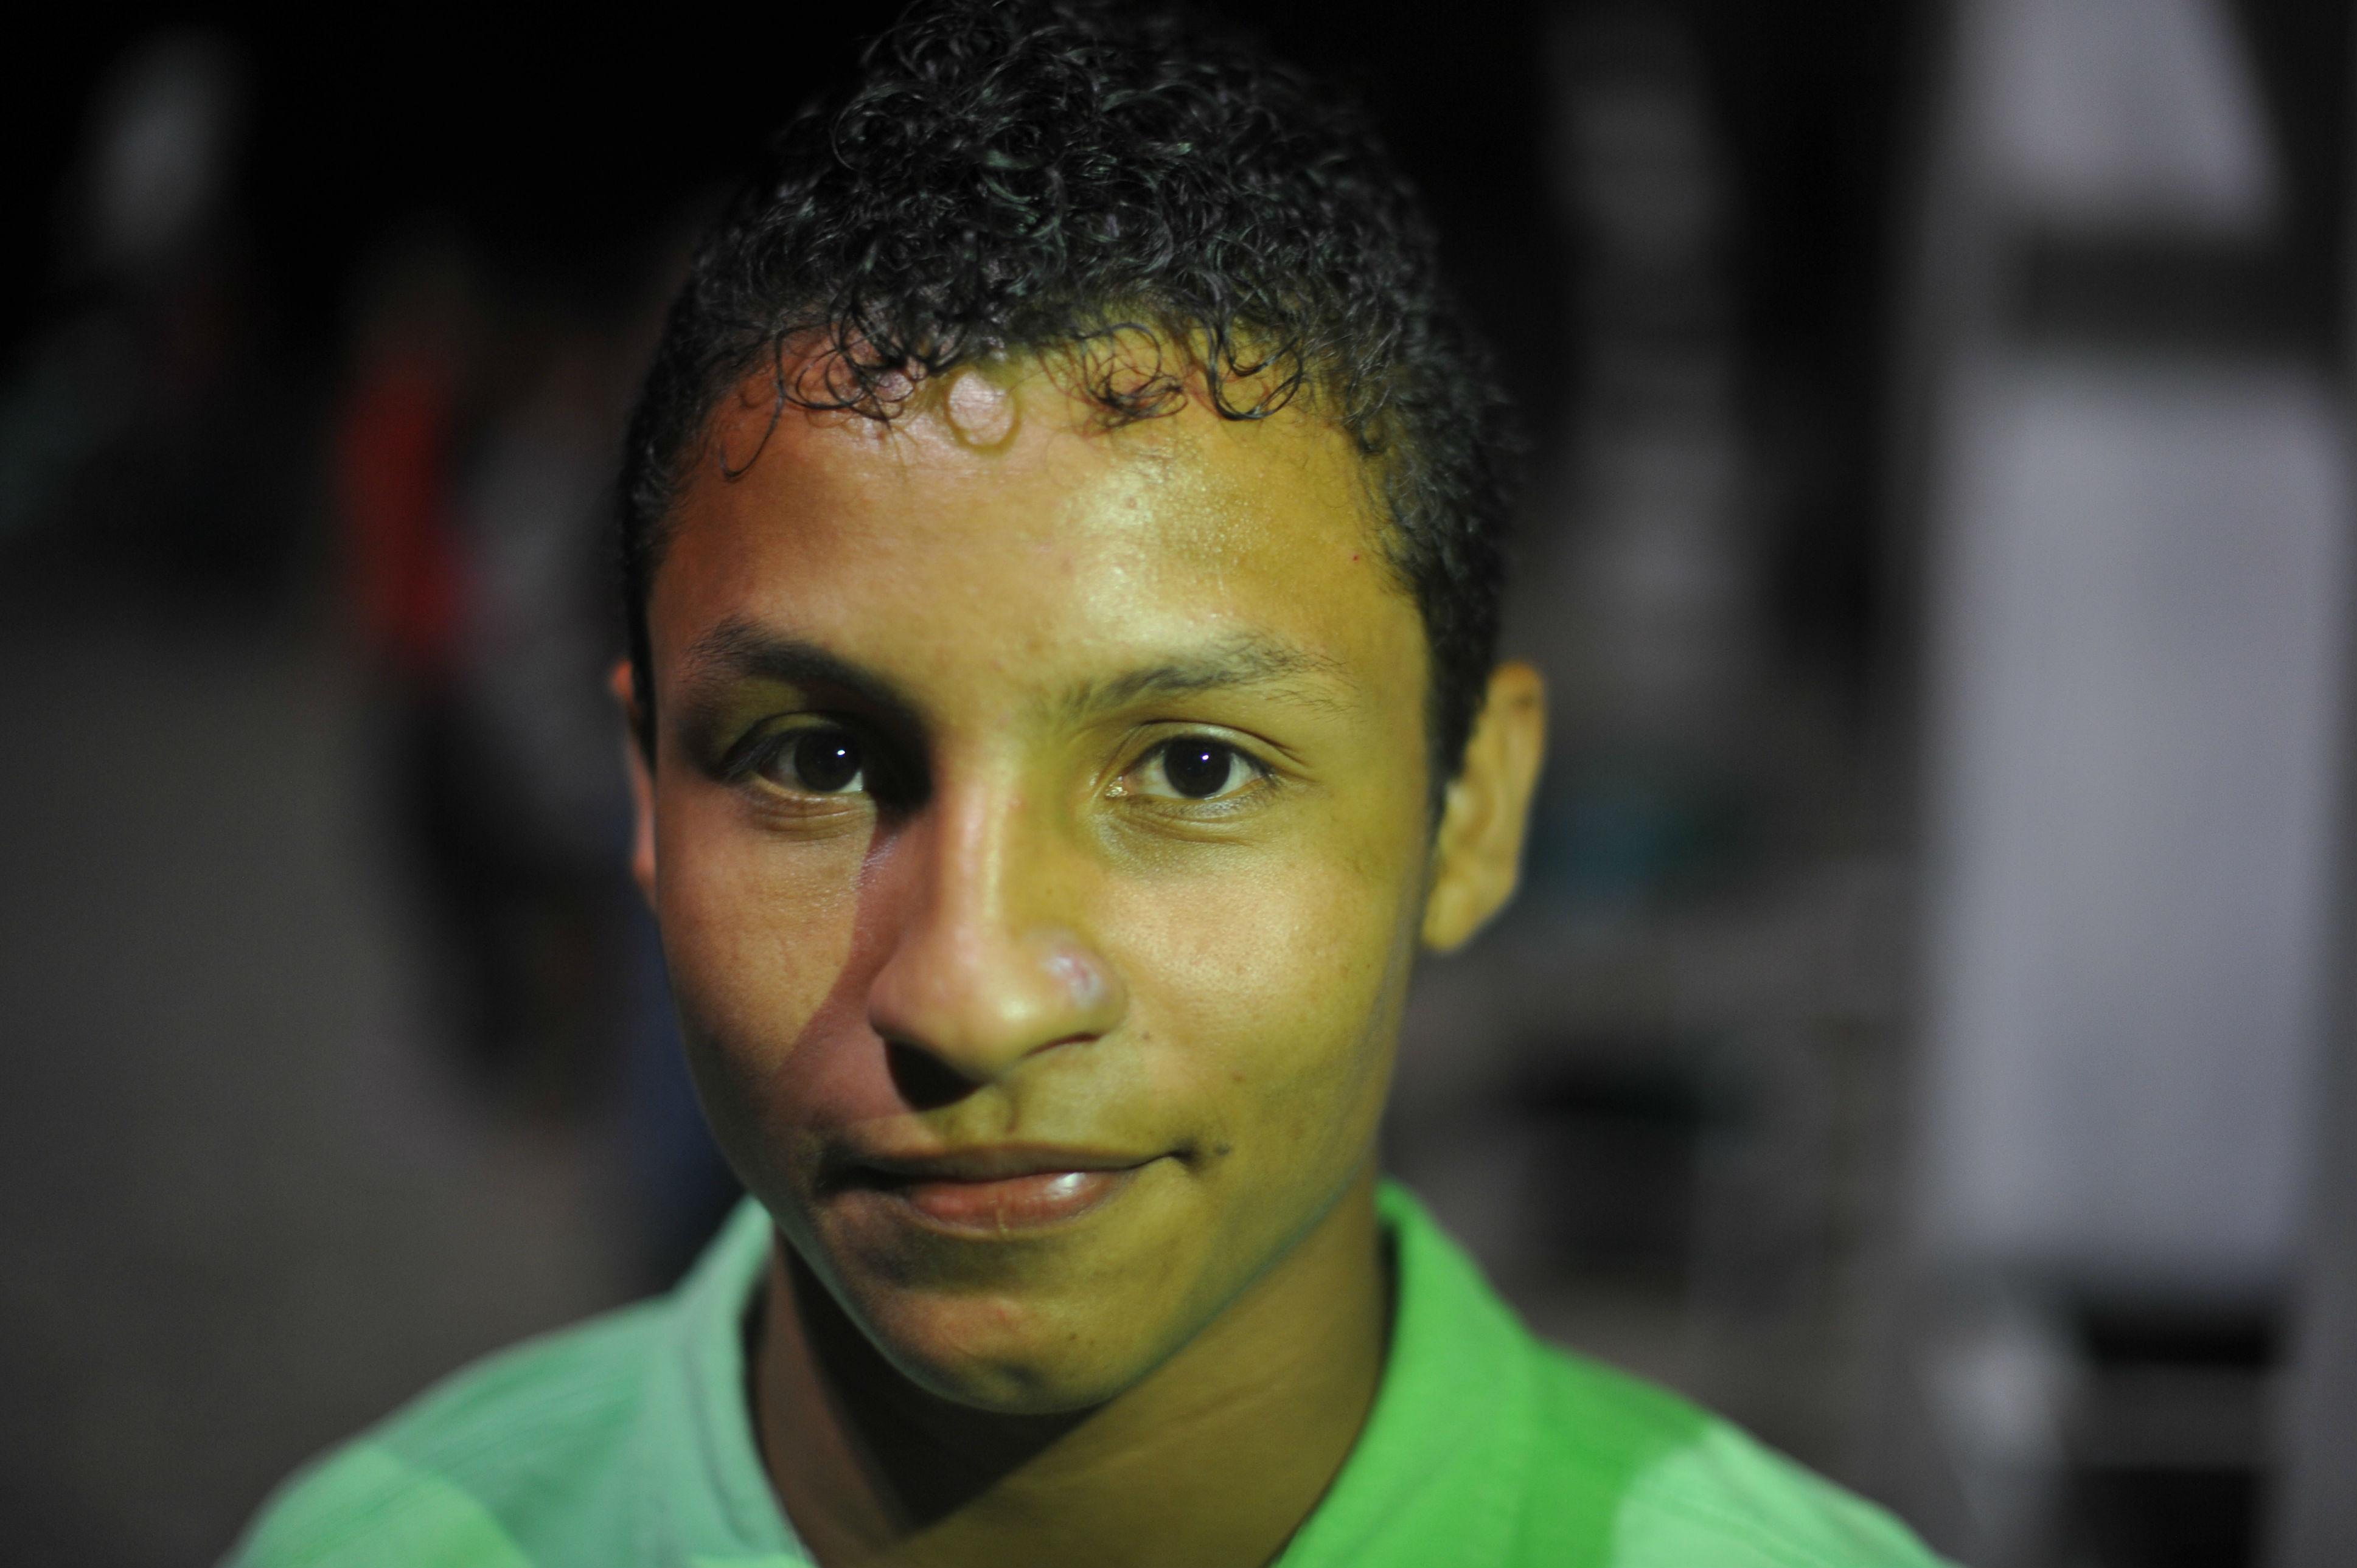 Cristian Cortés, personero del colegio Ciudad Mocoa. Gustavo Torrijos - El Espectador